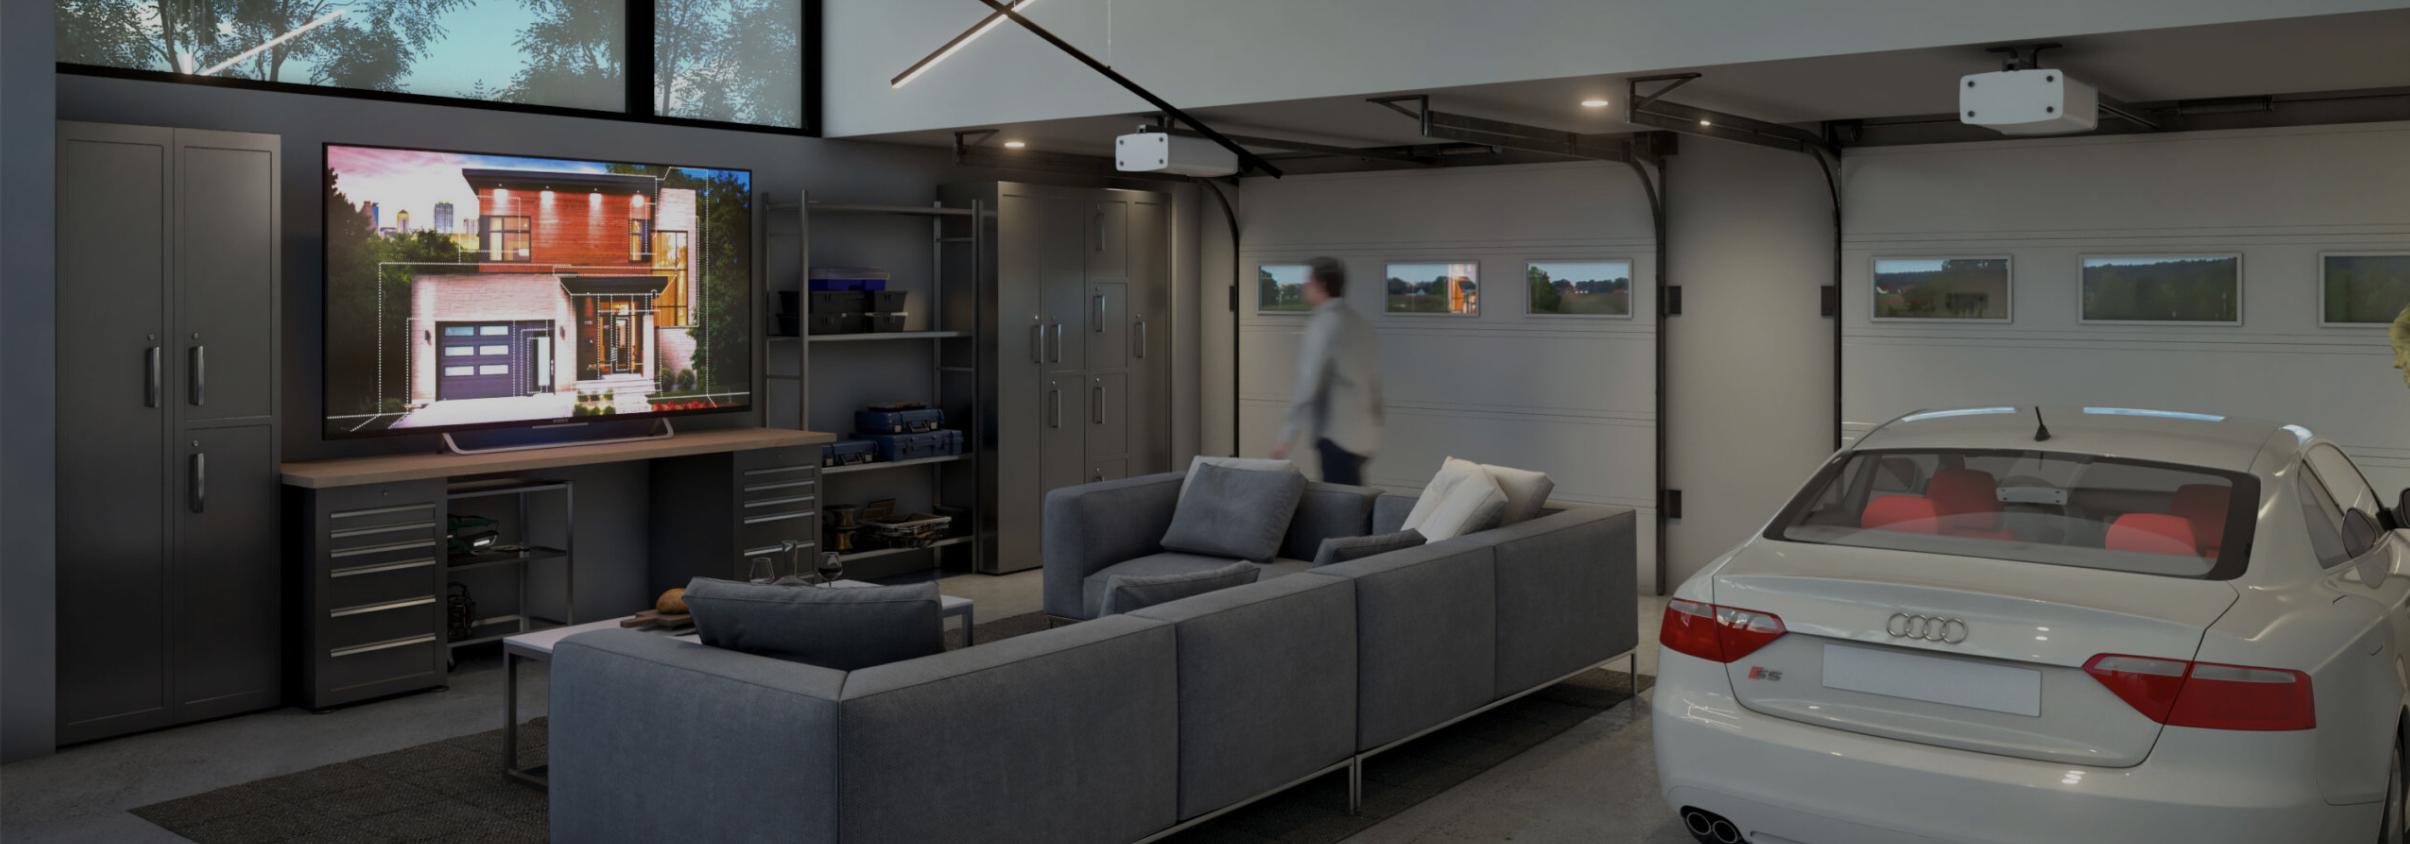 4 idées pour transformer votre garage et le rendre génial!